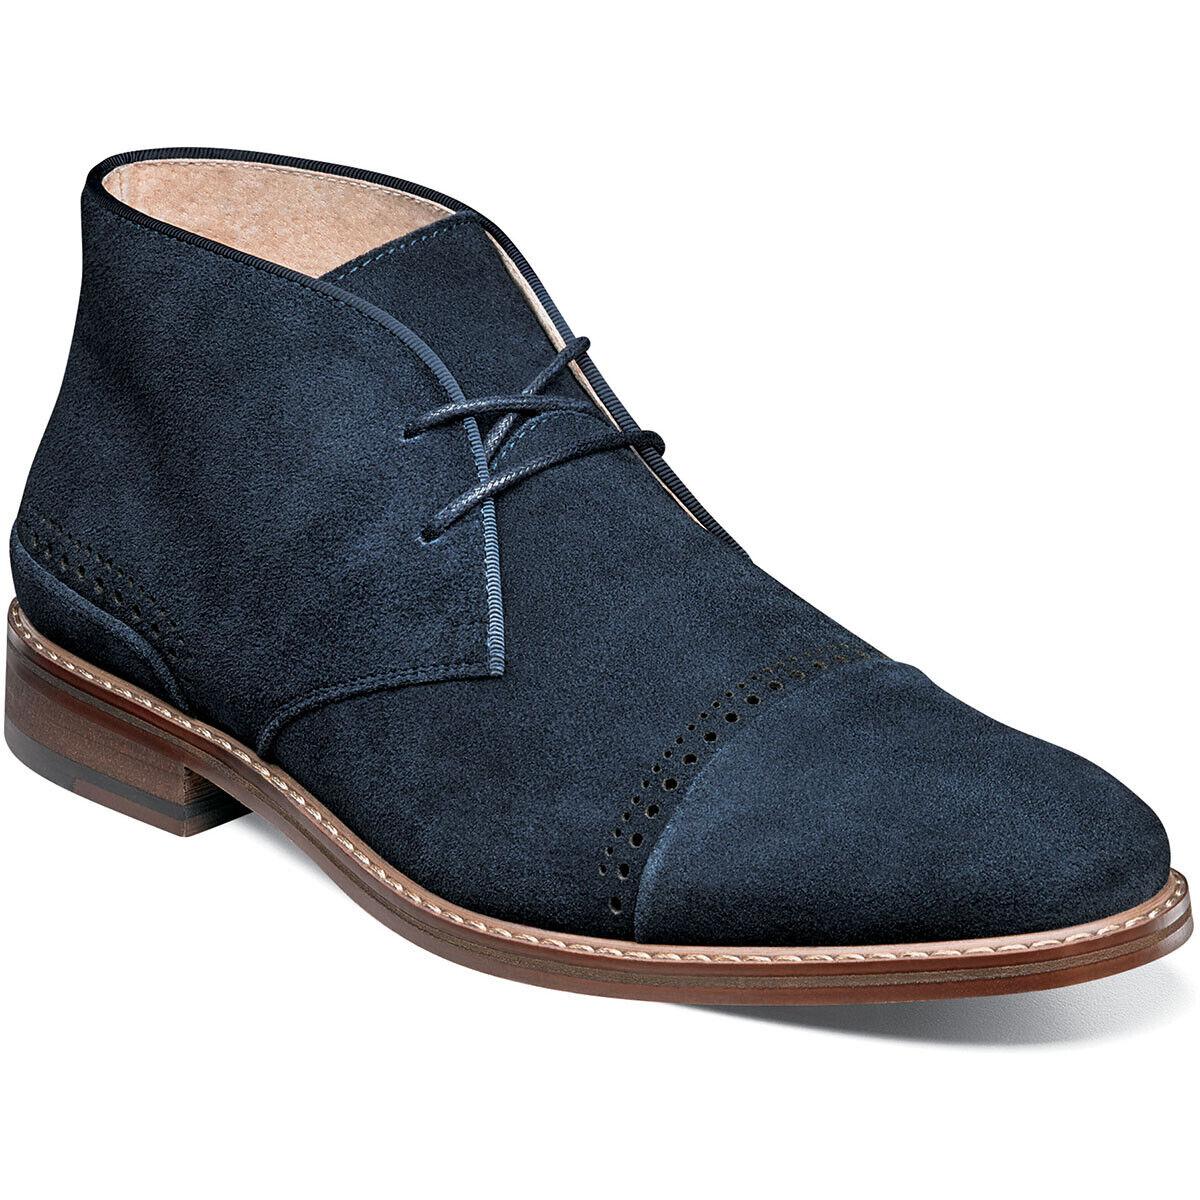 Nuevas botas Color Stacy Adams Avery Cap Toe Ante Azul Marino 25198-415